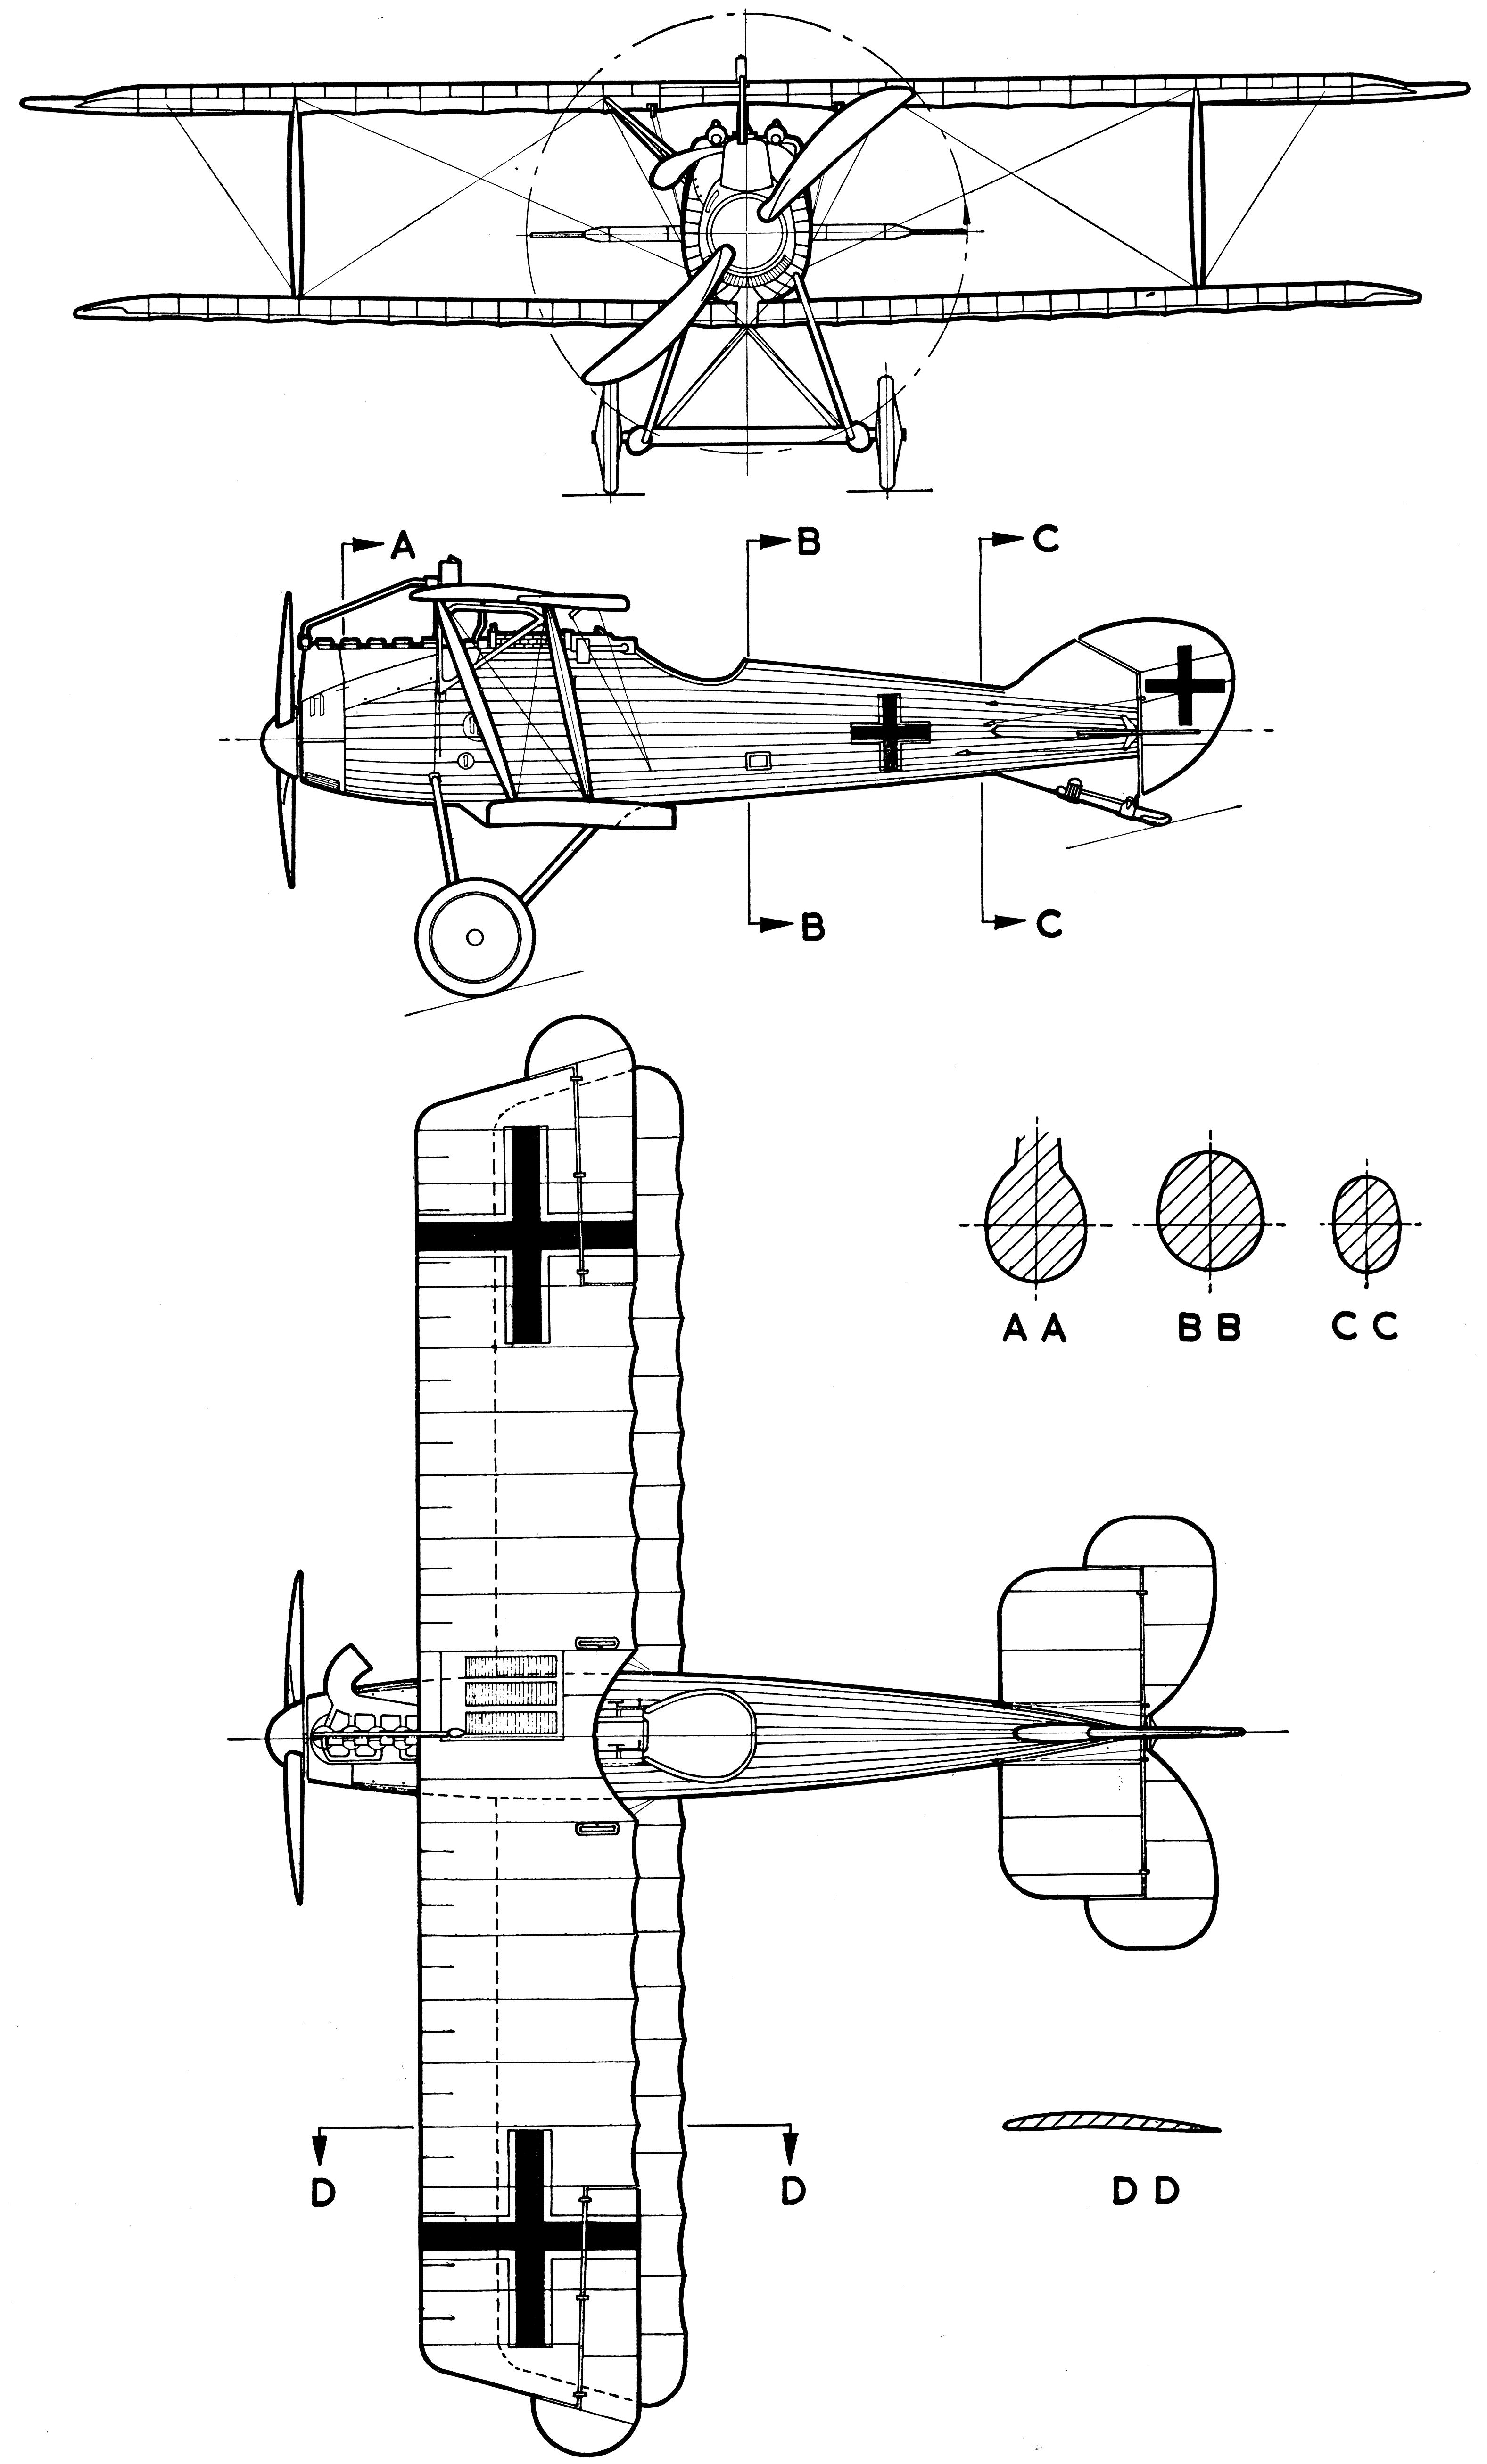 LFG Roland D.VIb blueprint